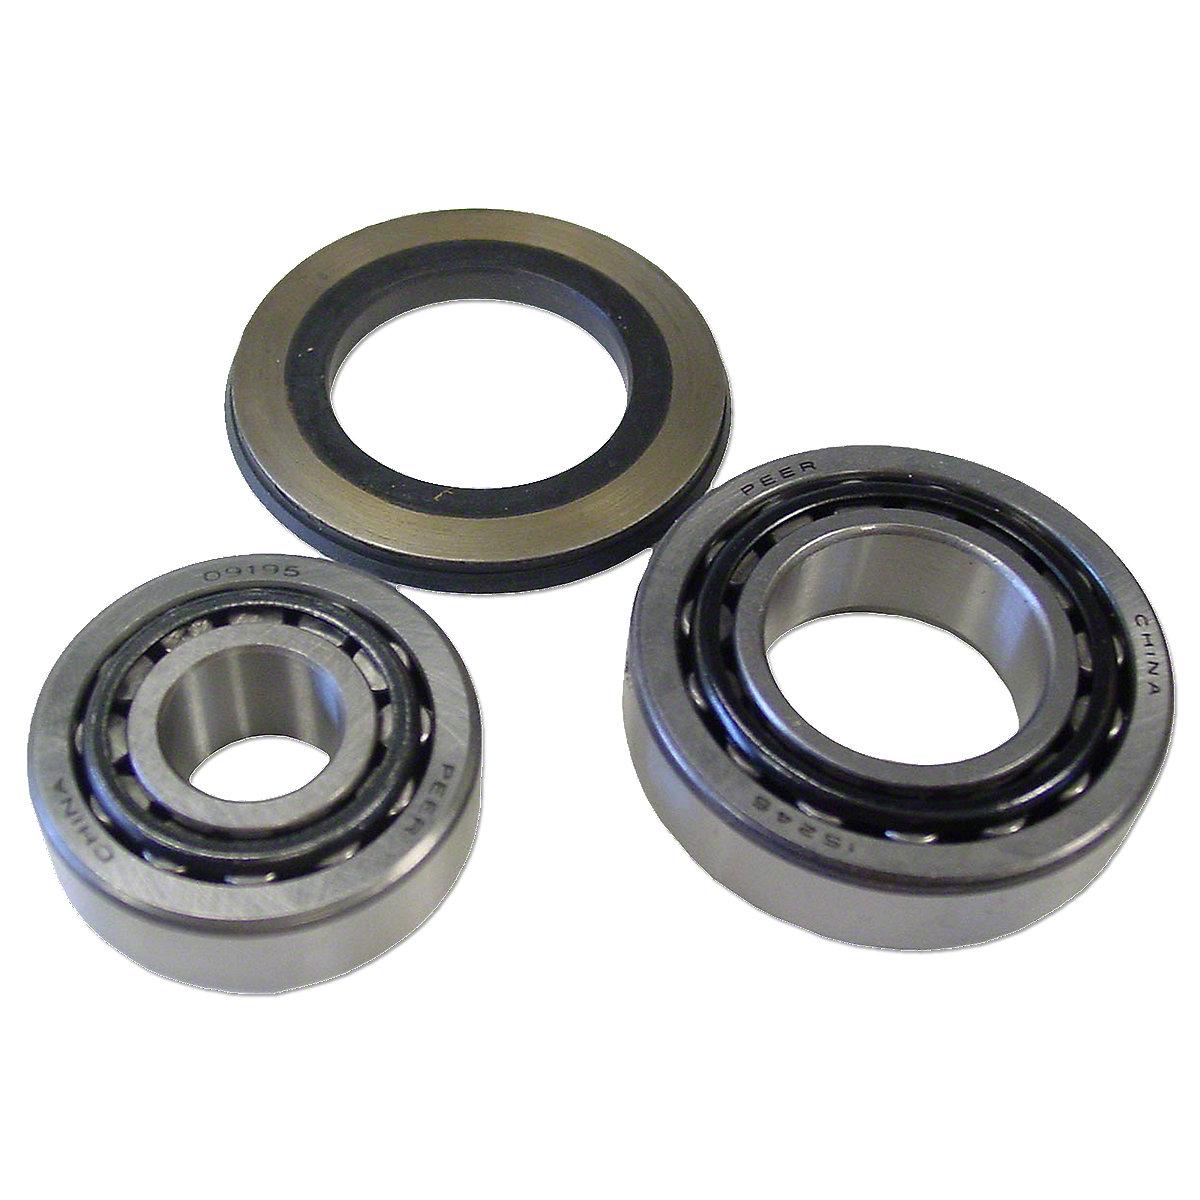 Wheel Bearing Kit For Massey Ferguson: TE20, TO20, TO30, TO35, 35, 40, 50, 65, Massey Harris: 50.